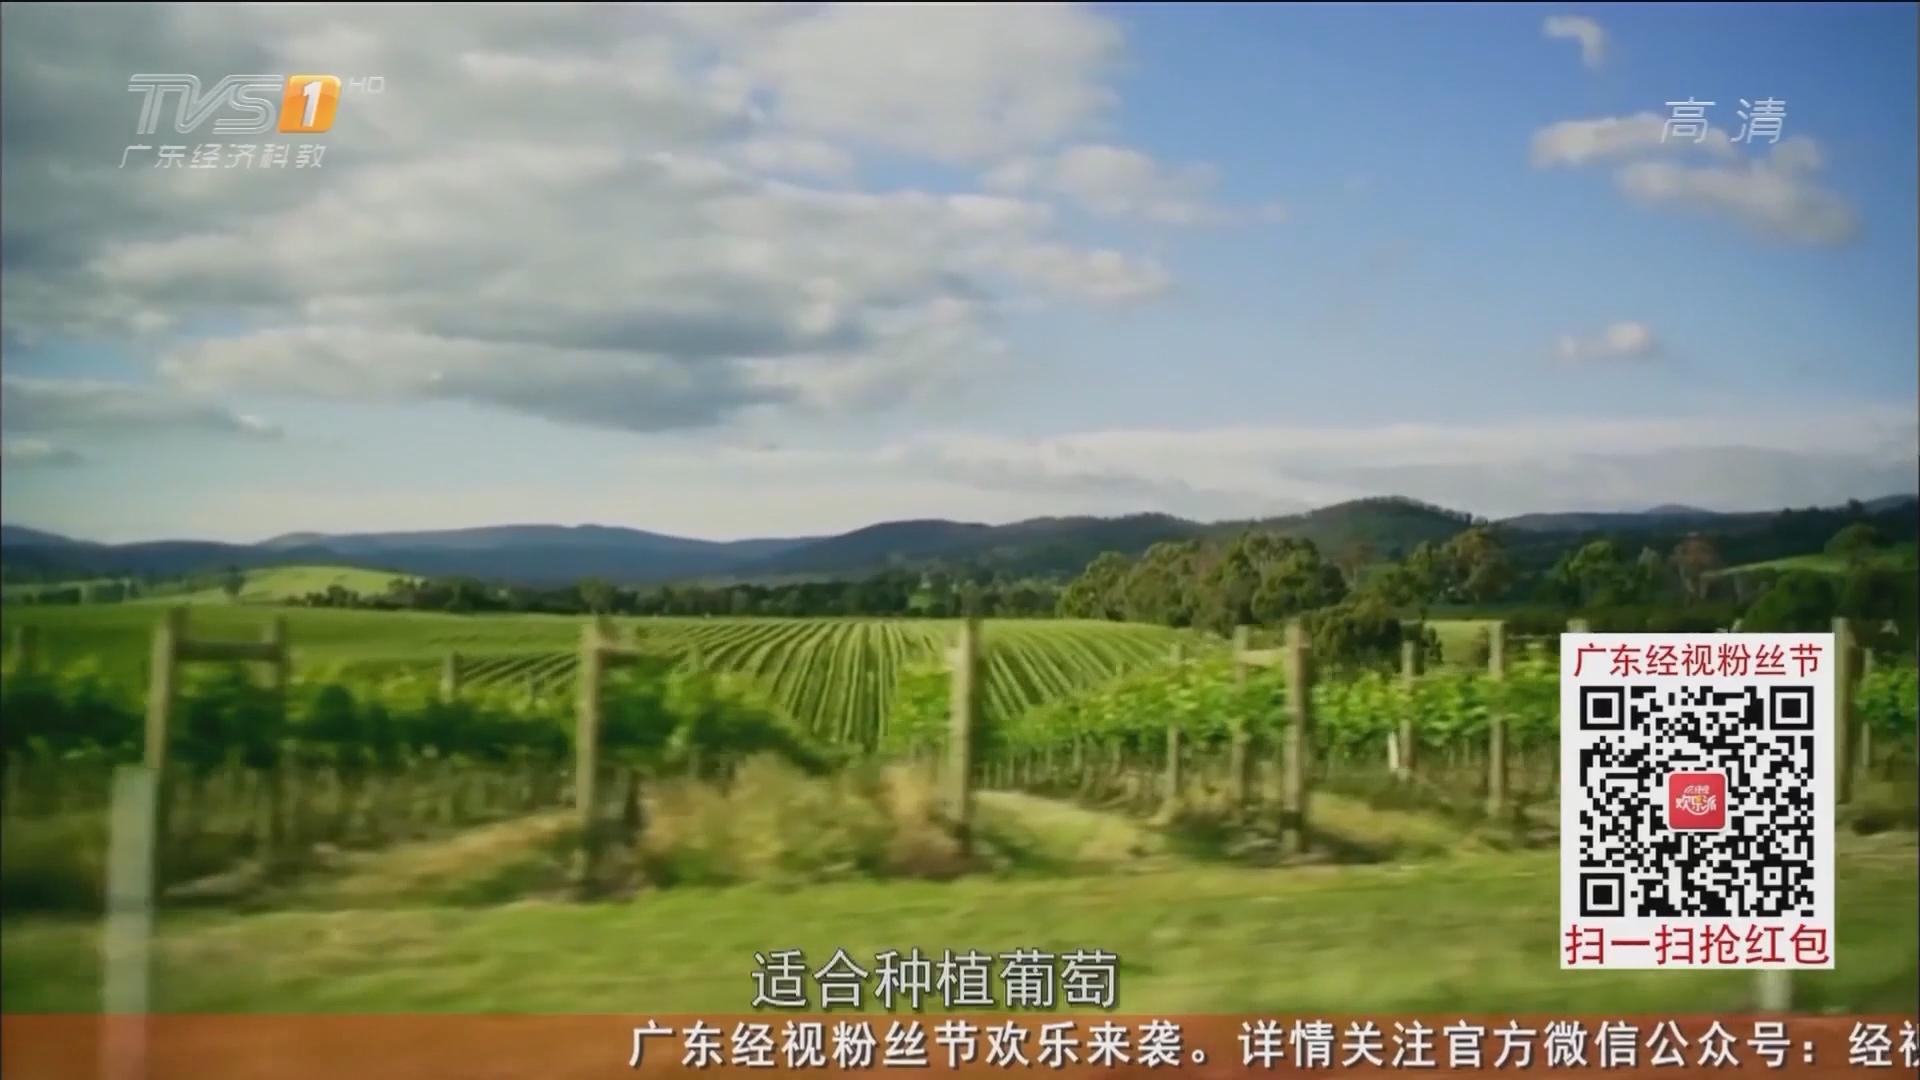 澳大利亚——亚拉河谷的罗富酒庄